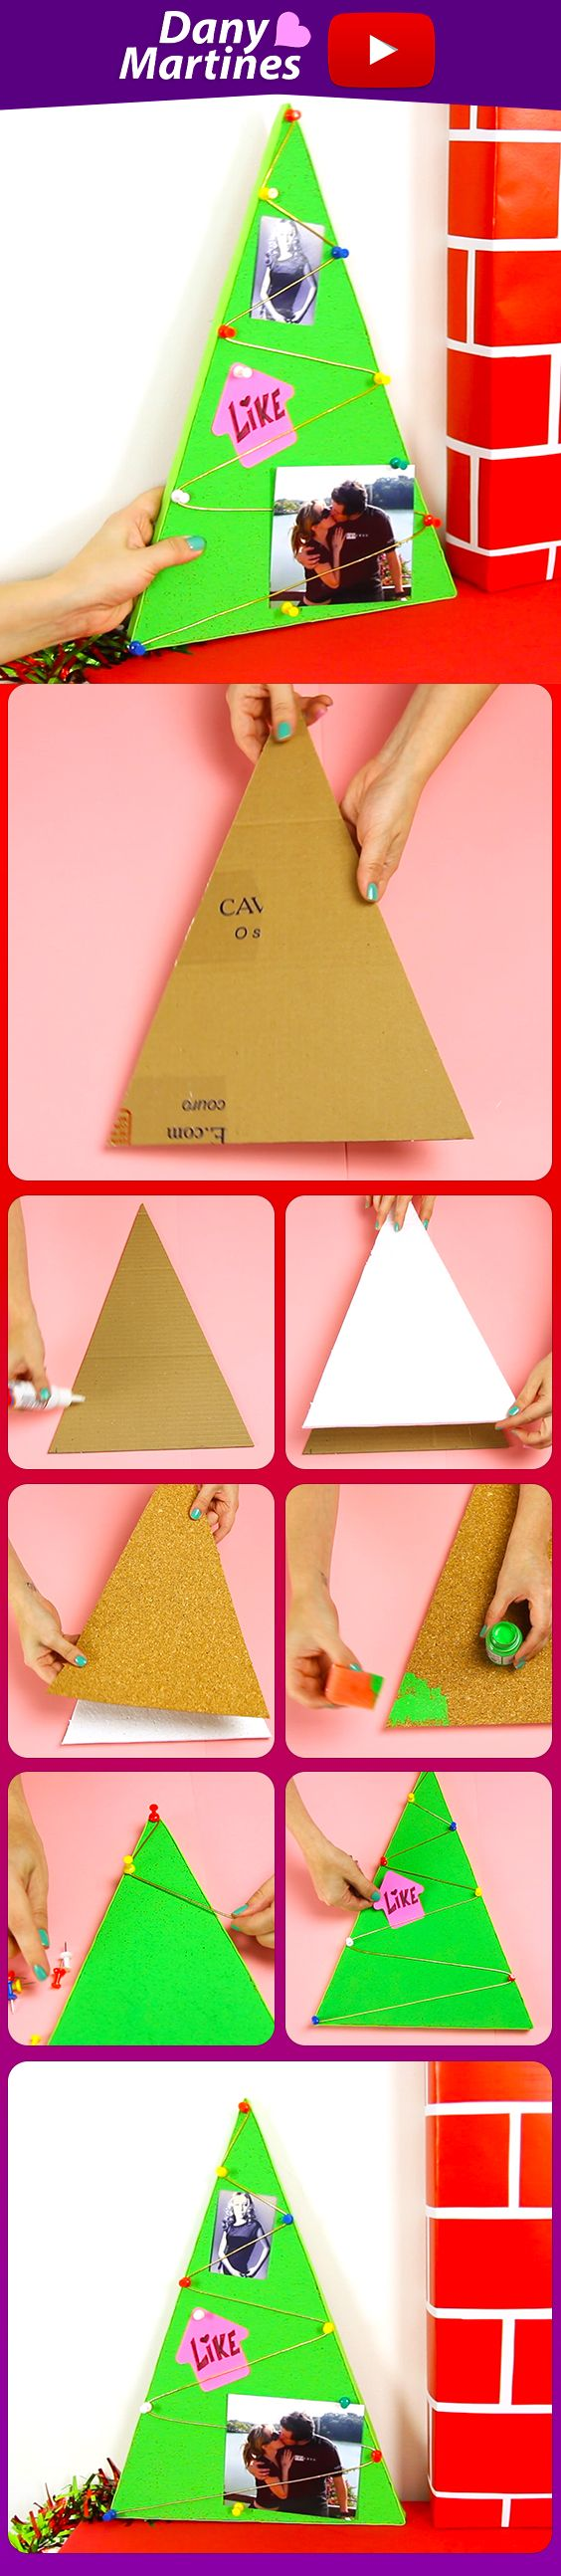 Faça você mesmo uma linda arvore de Natal que serve também como painel de fotos, porta recados, decoração Natalina, DIY, do it yourself, Dany Martines